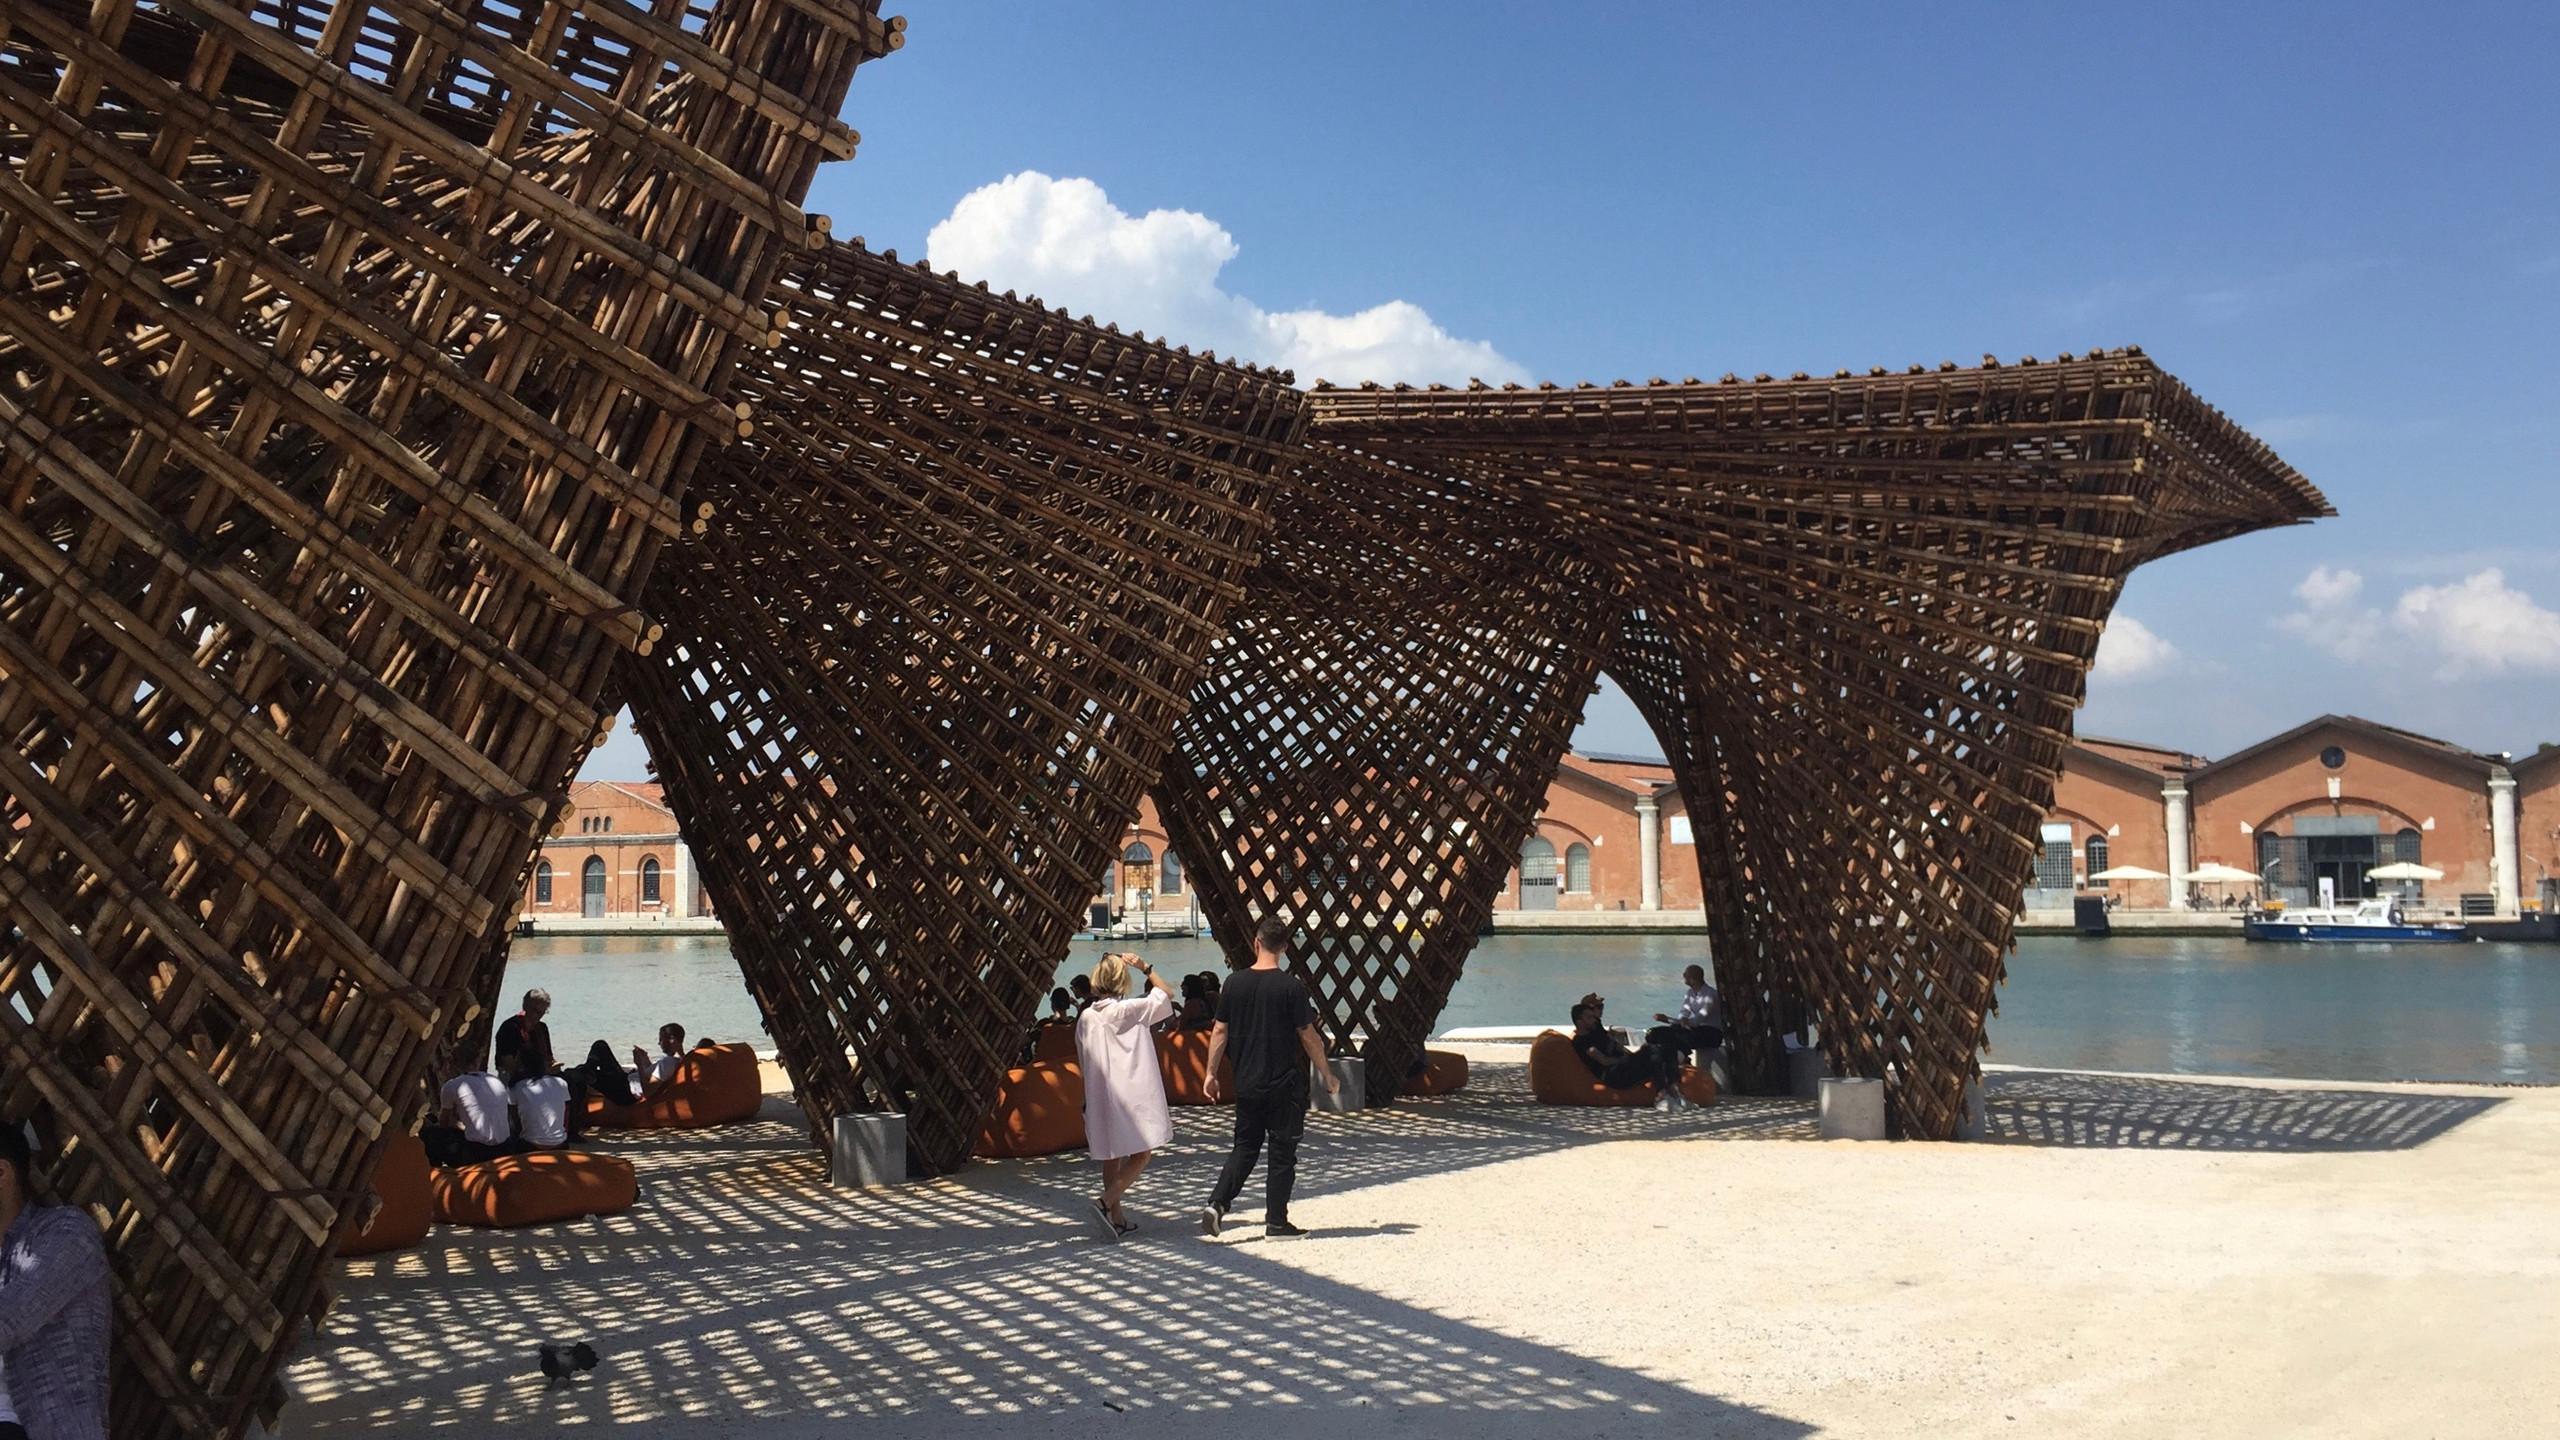 Der _Bamboo Stalactite_ Pavillon des vietnamesischen Architekten Vo Trong Nghia auf dem Arsenale Gelände